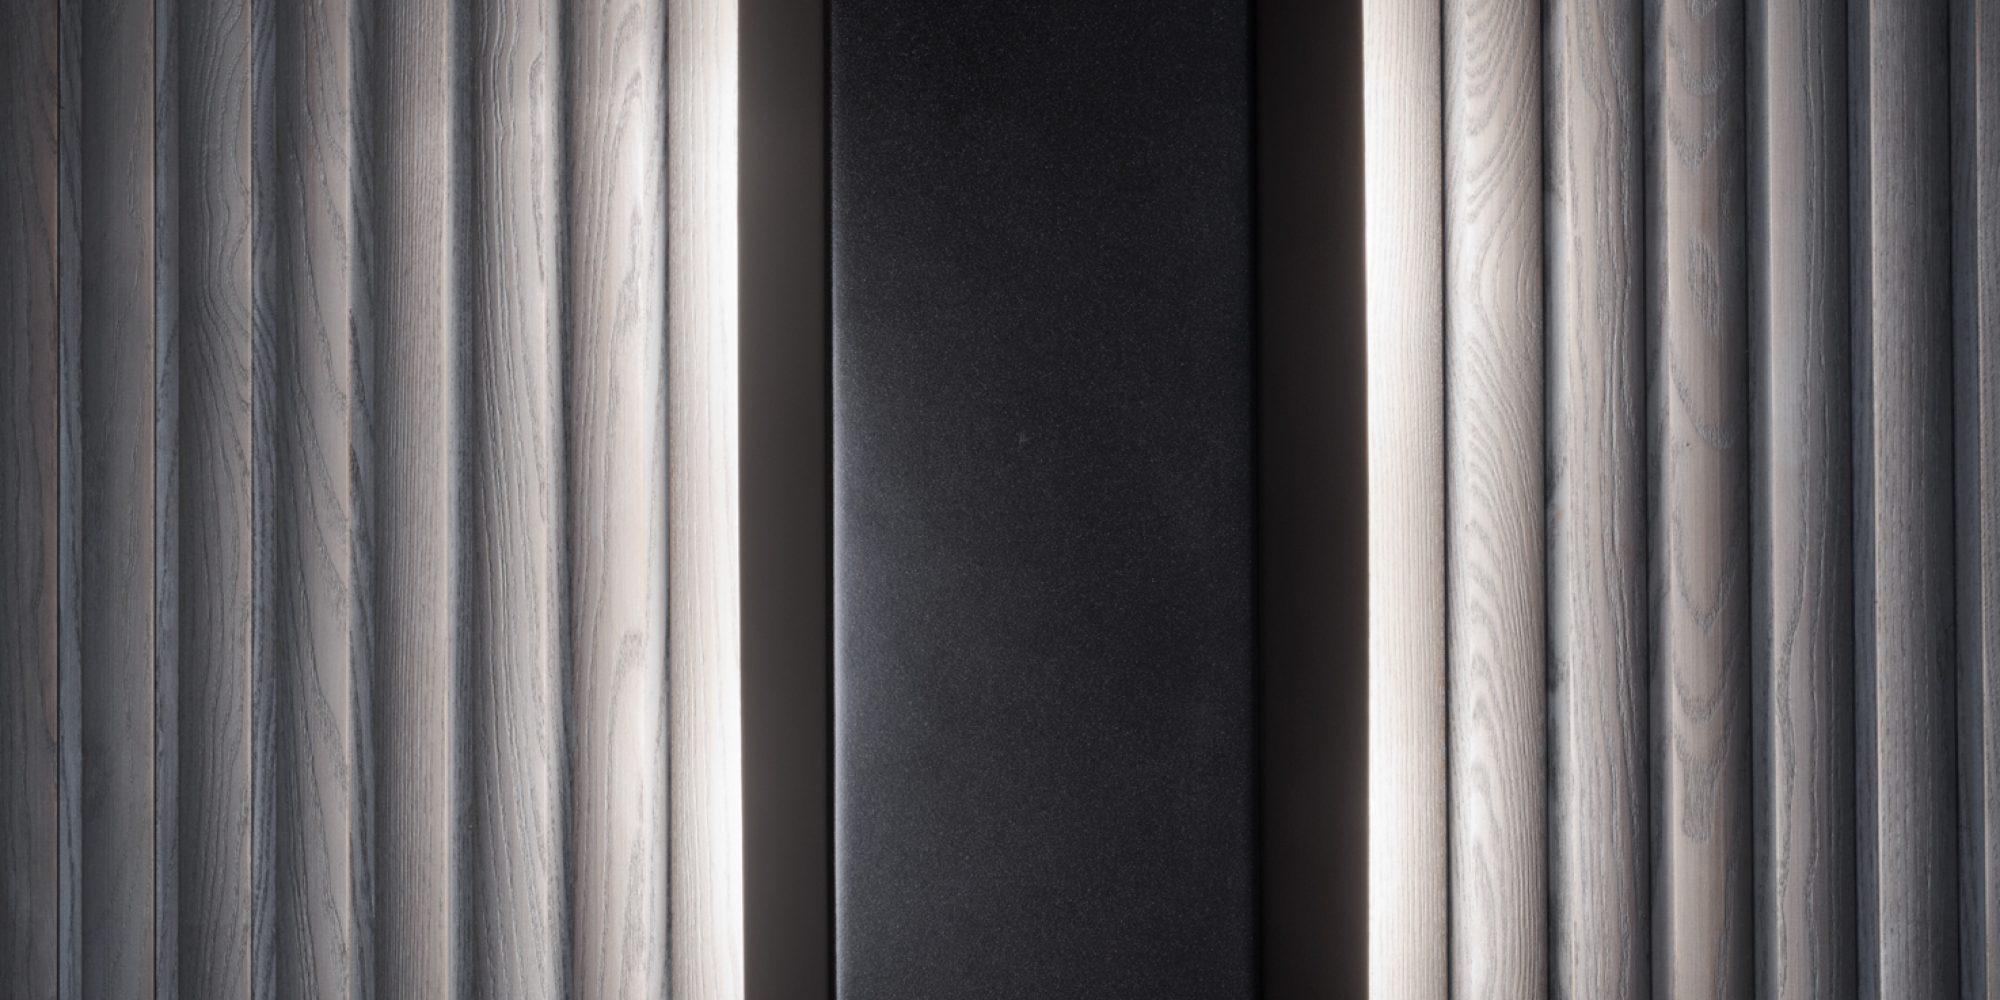 10-villa privata Mosca- Raboni architetti-pollice Illuminazione